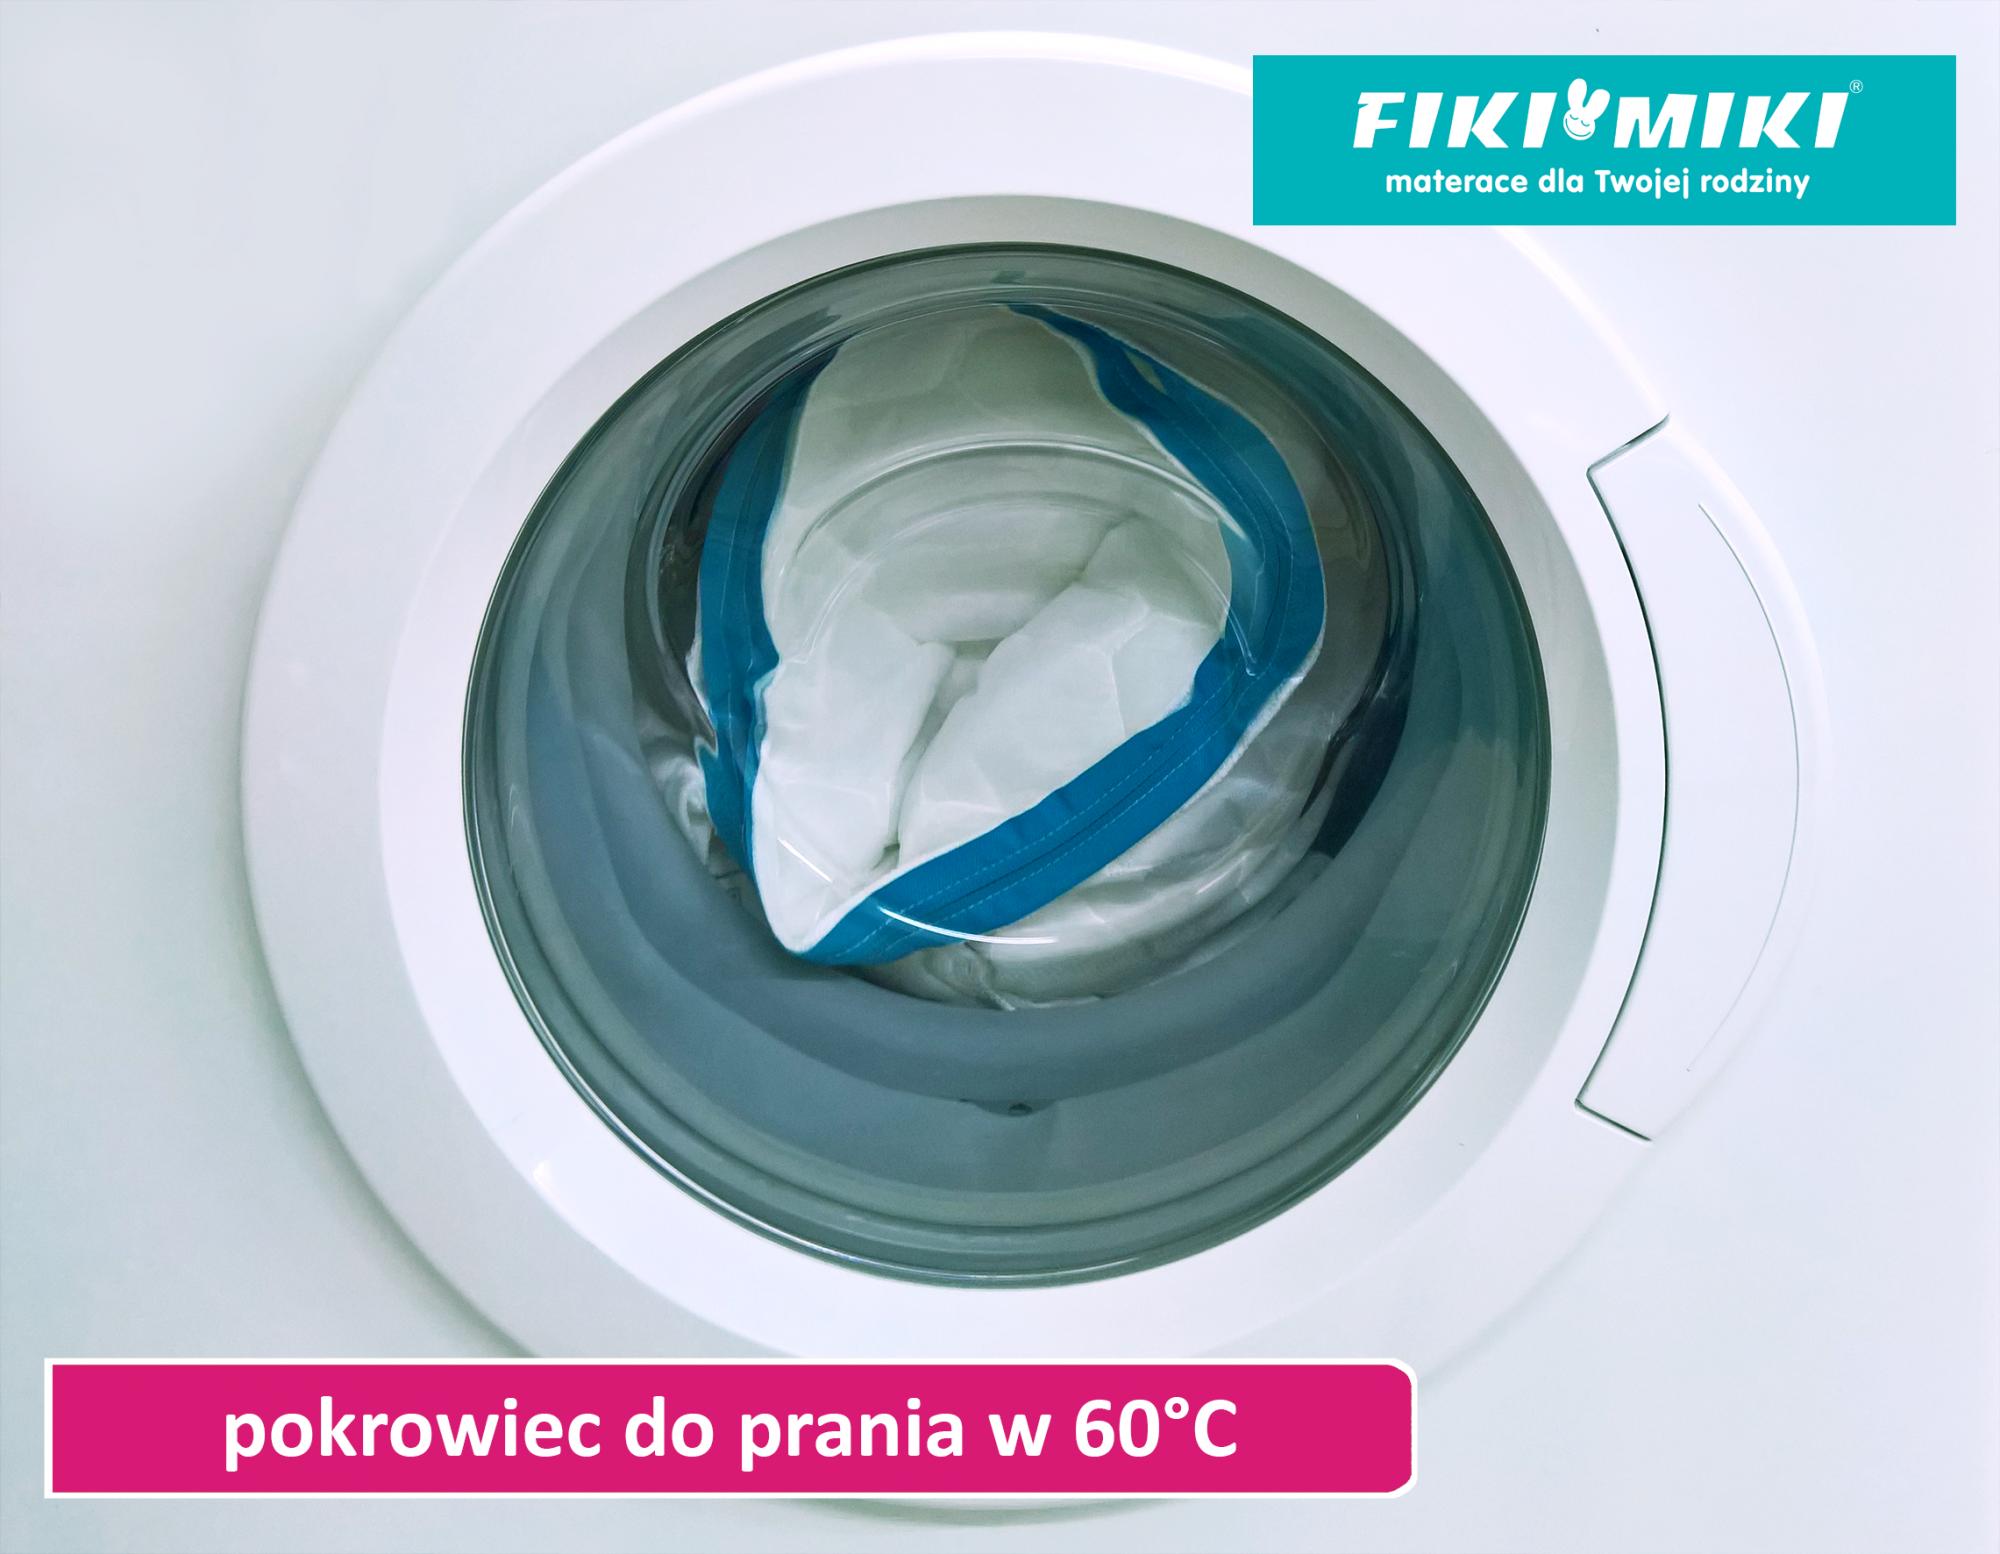 Natura Baby materacyk dla dzieci pokrowiec do prania